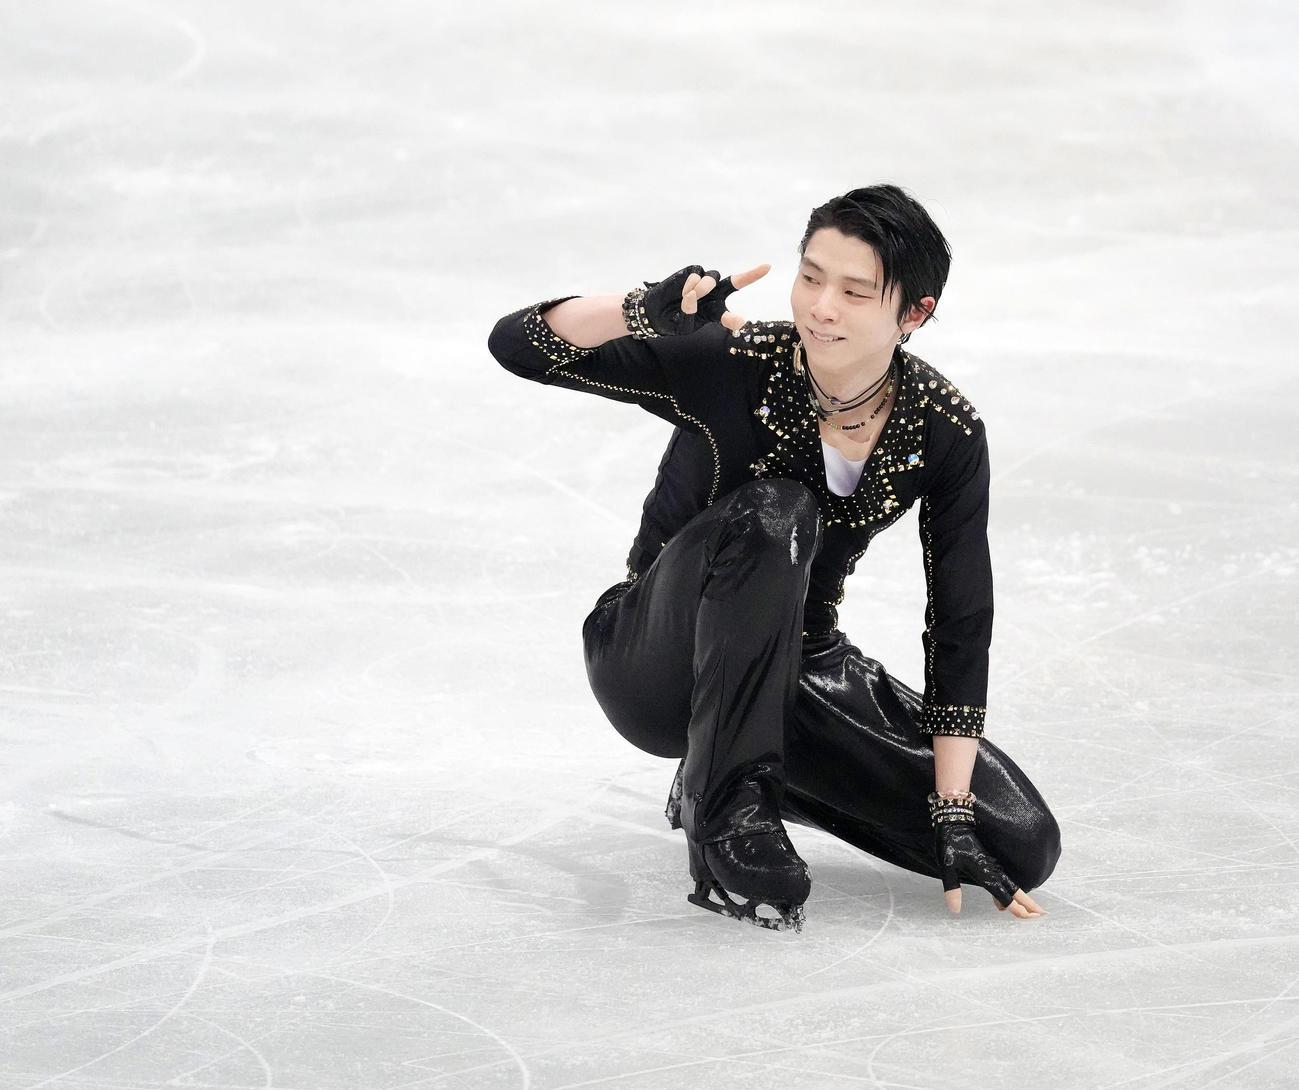 演技を終え日本チームに向かって笑顔でポーズをとる羽生(代表撮影)